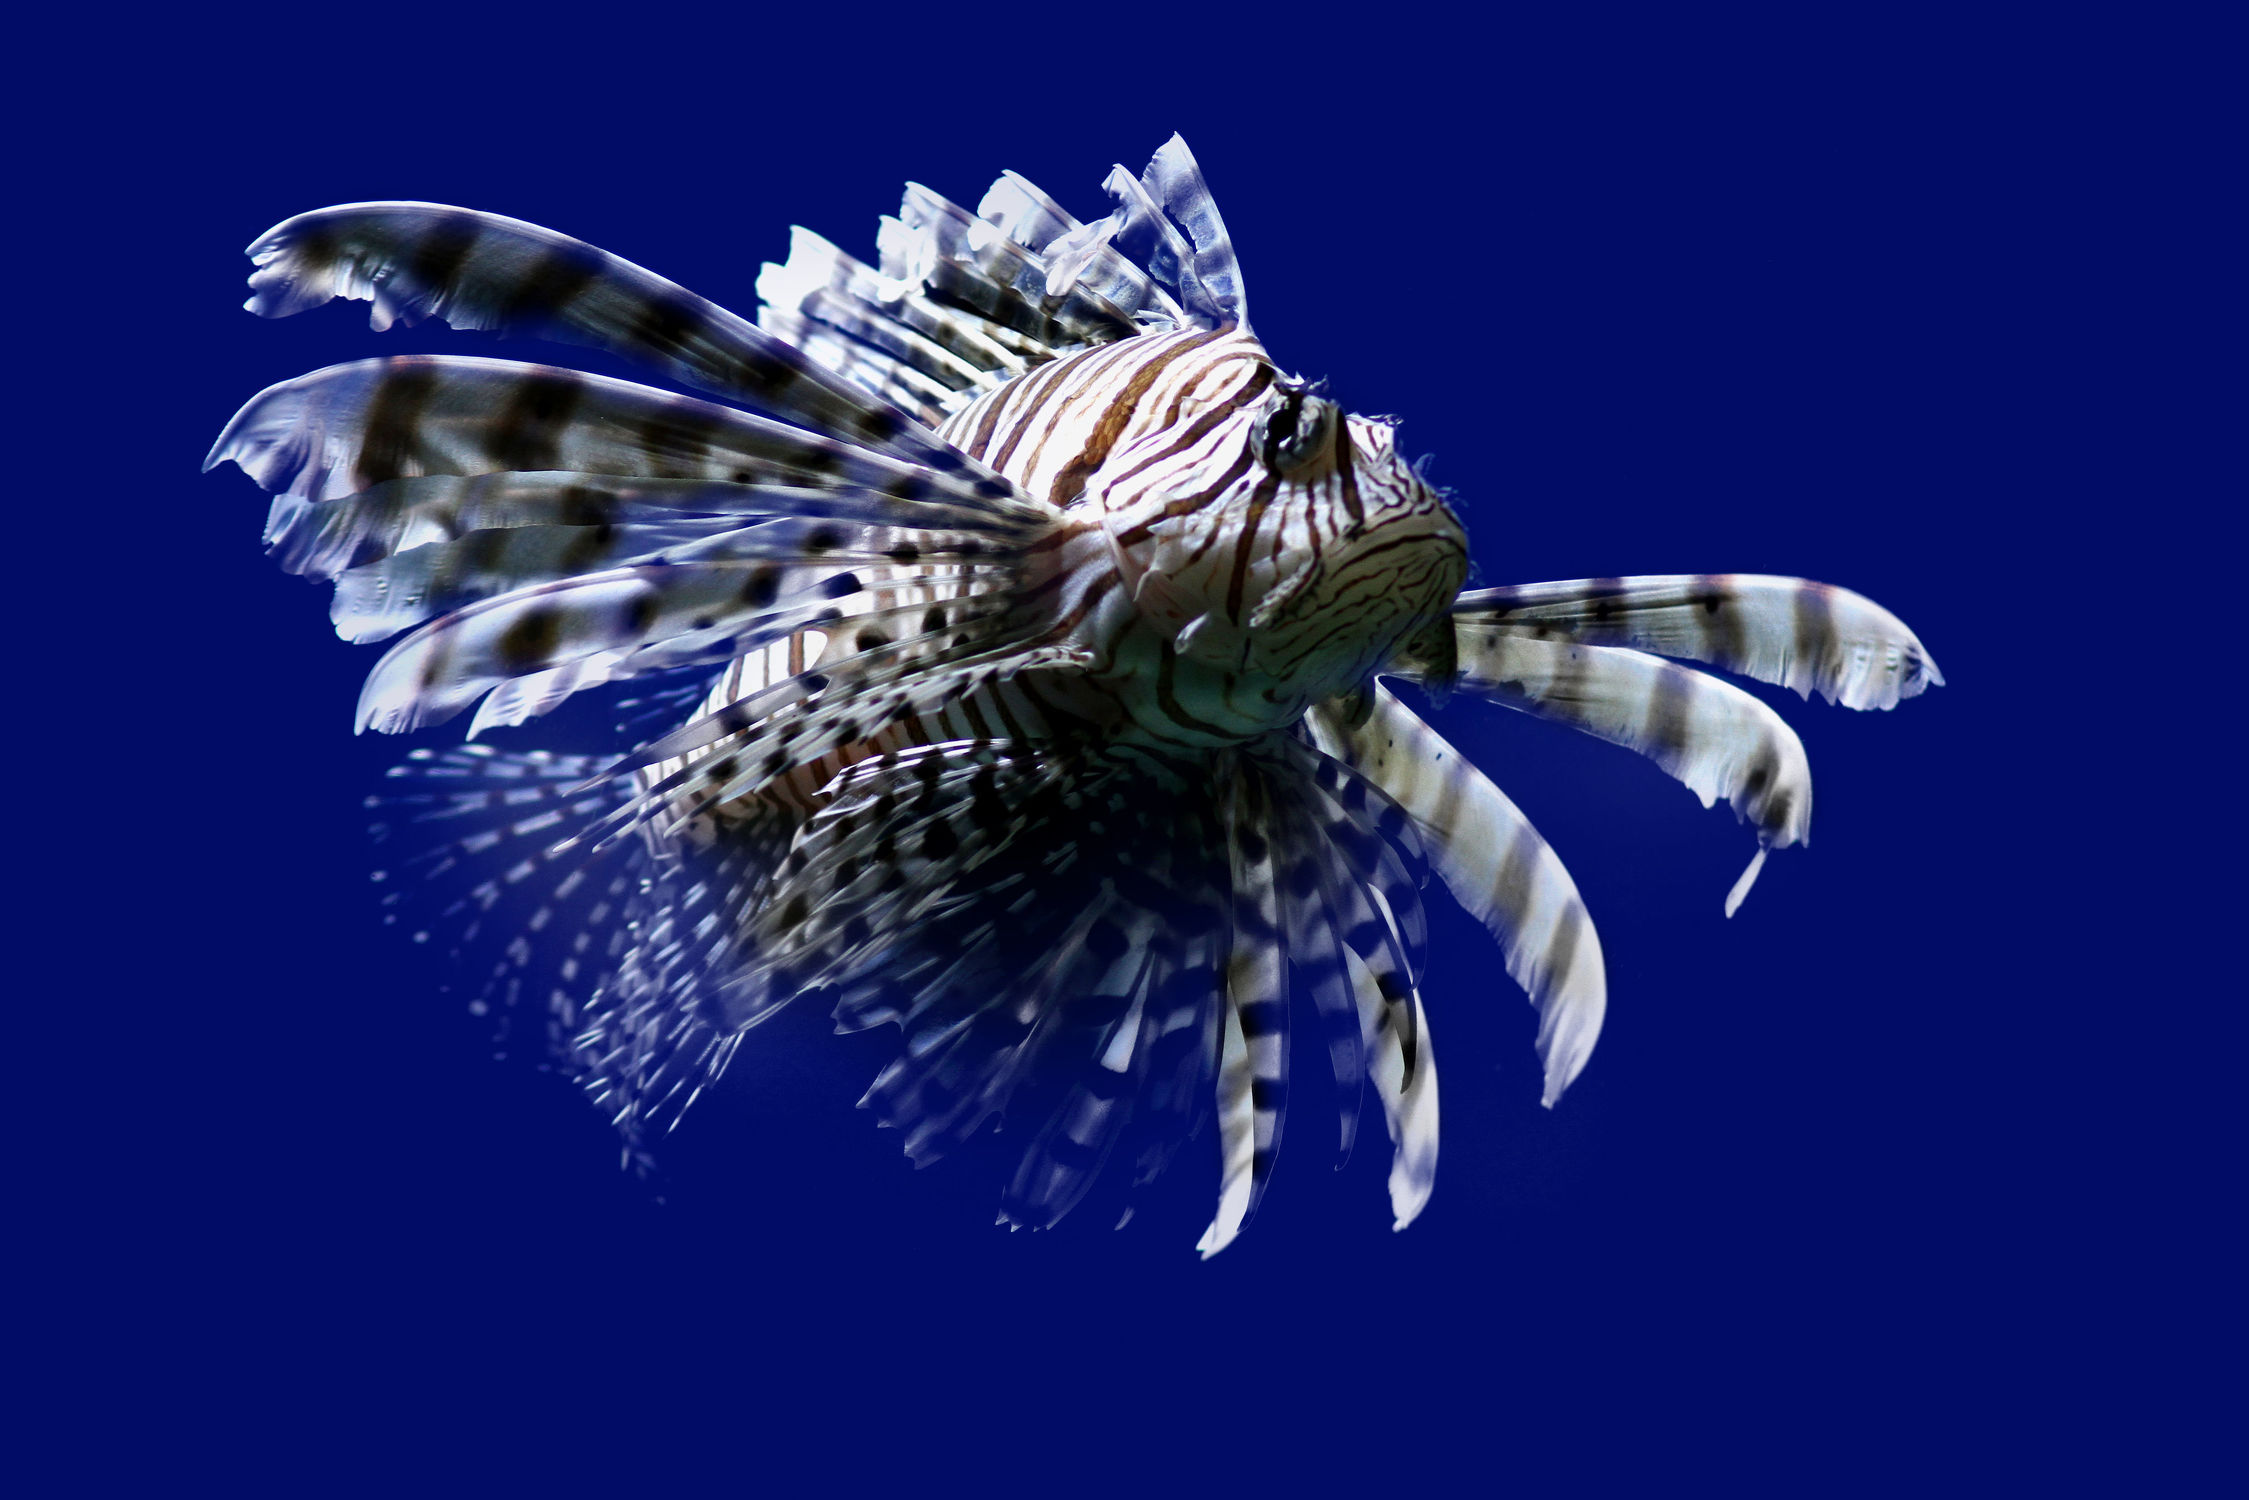 Bild mit Tiere, Tiere, Natur, Natur, Fische, Fische, Unterwasser, Unterwasser, Meere, Meere, Meer, Meer, Tier, Tier, Fisch, Fisch, Tierfotografie, Tierfotografie, Animal, Animal, Wildlife, Wildlife, Umwelt, Umwelt, ozean, ozean, Tierbild, Tierbild, Tierbilder, Tierbilder, Tierfoto, Tierfoto, Rotfeuerfisch, Rotfeuerfisch